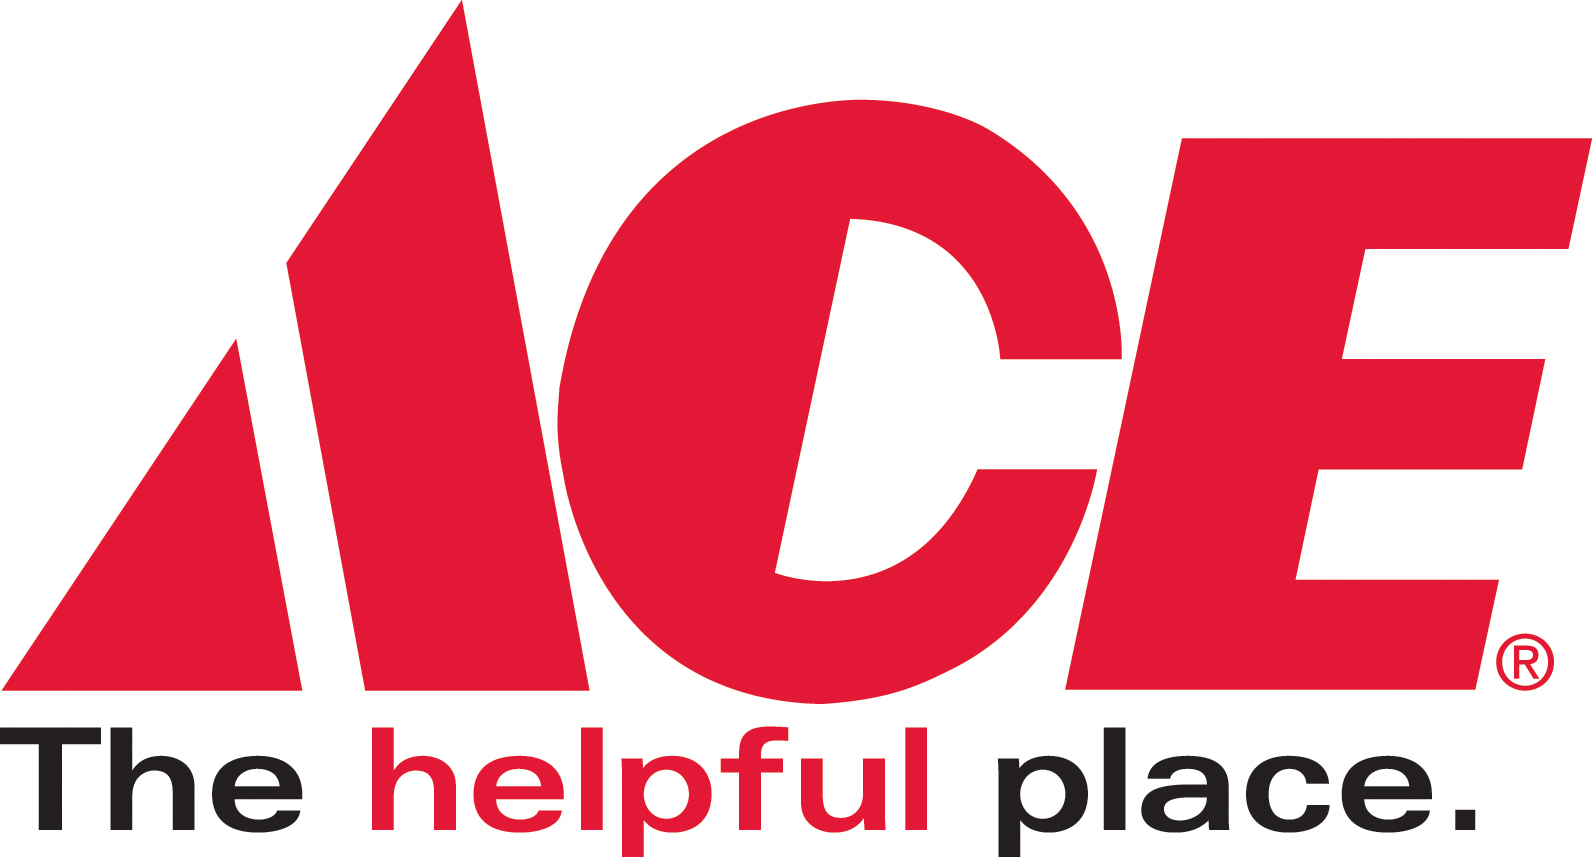 ace-hardware-logo.jpg